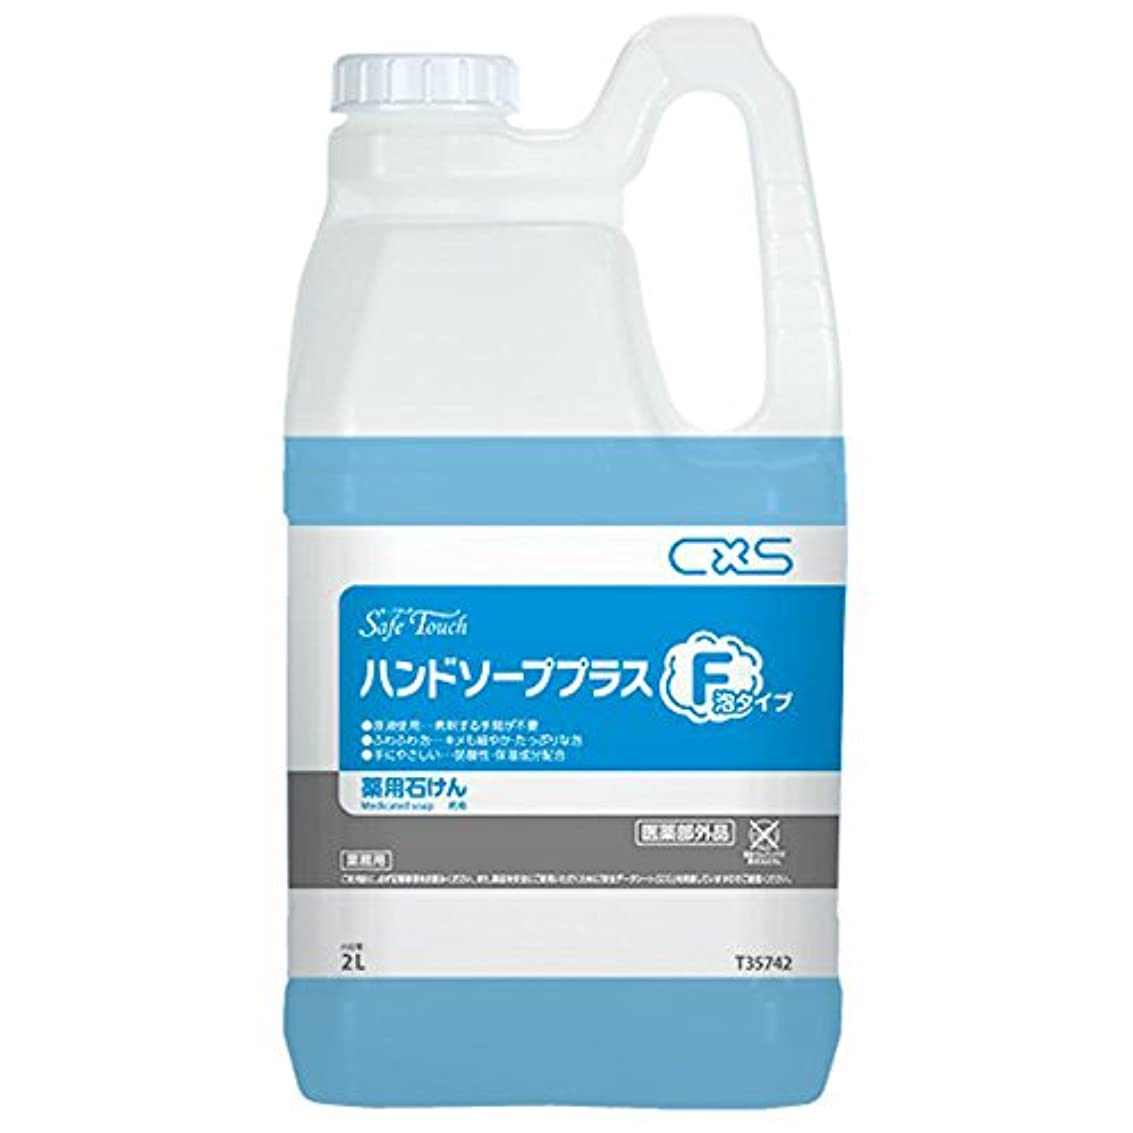 蚊コミュニティセミナーシーバイエス(C×S) 殺菌?消毒用手洗い石けん セーフタッチハンドソーププラスF 2L